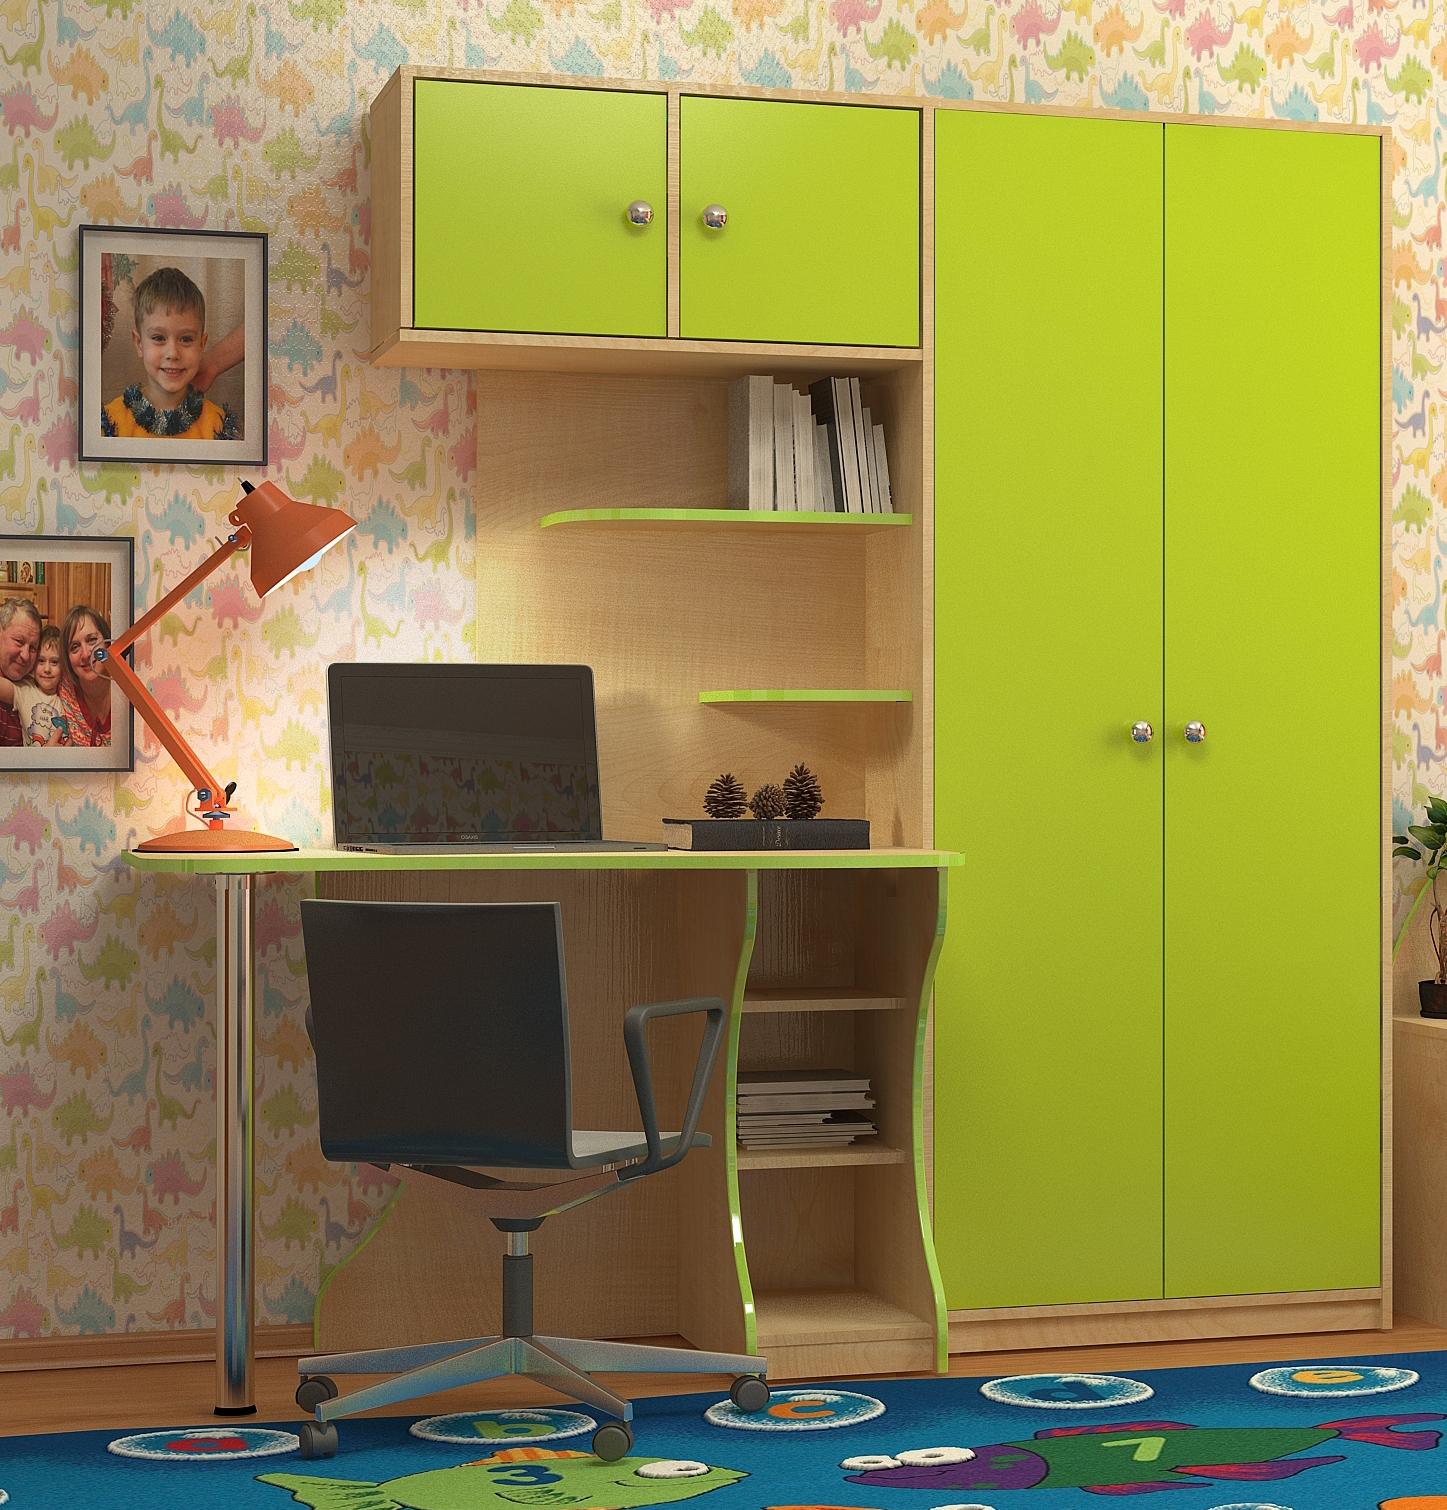 Мебельмания г. волжск витамебель детская мебель стол-шкаф ви.